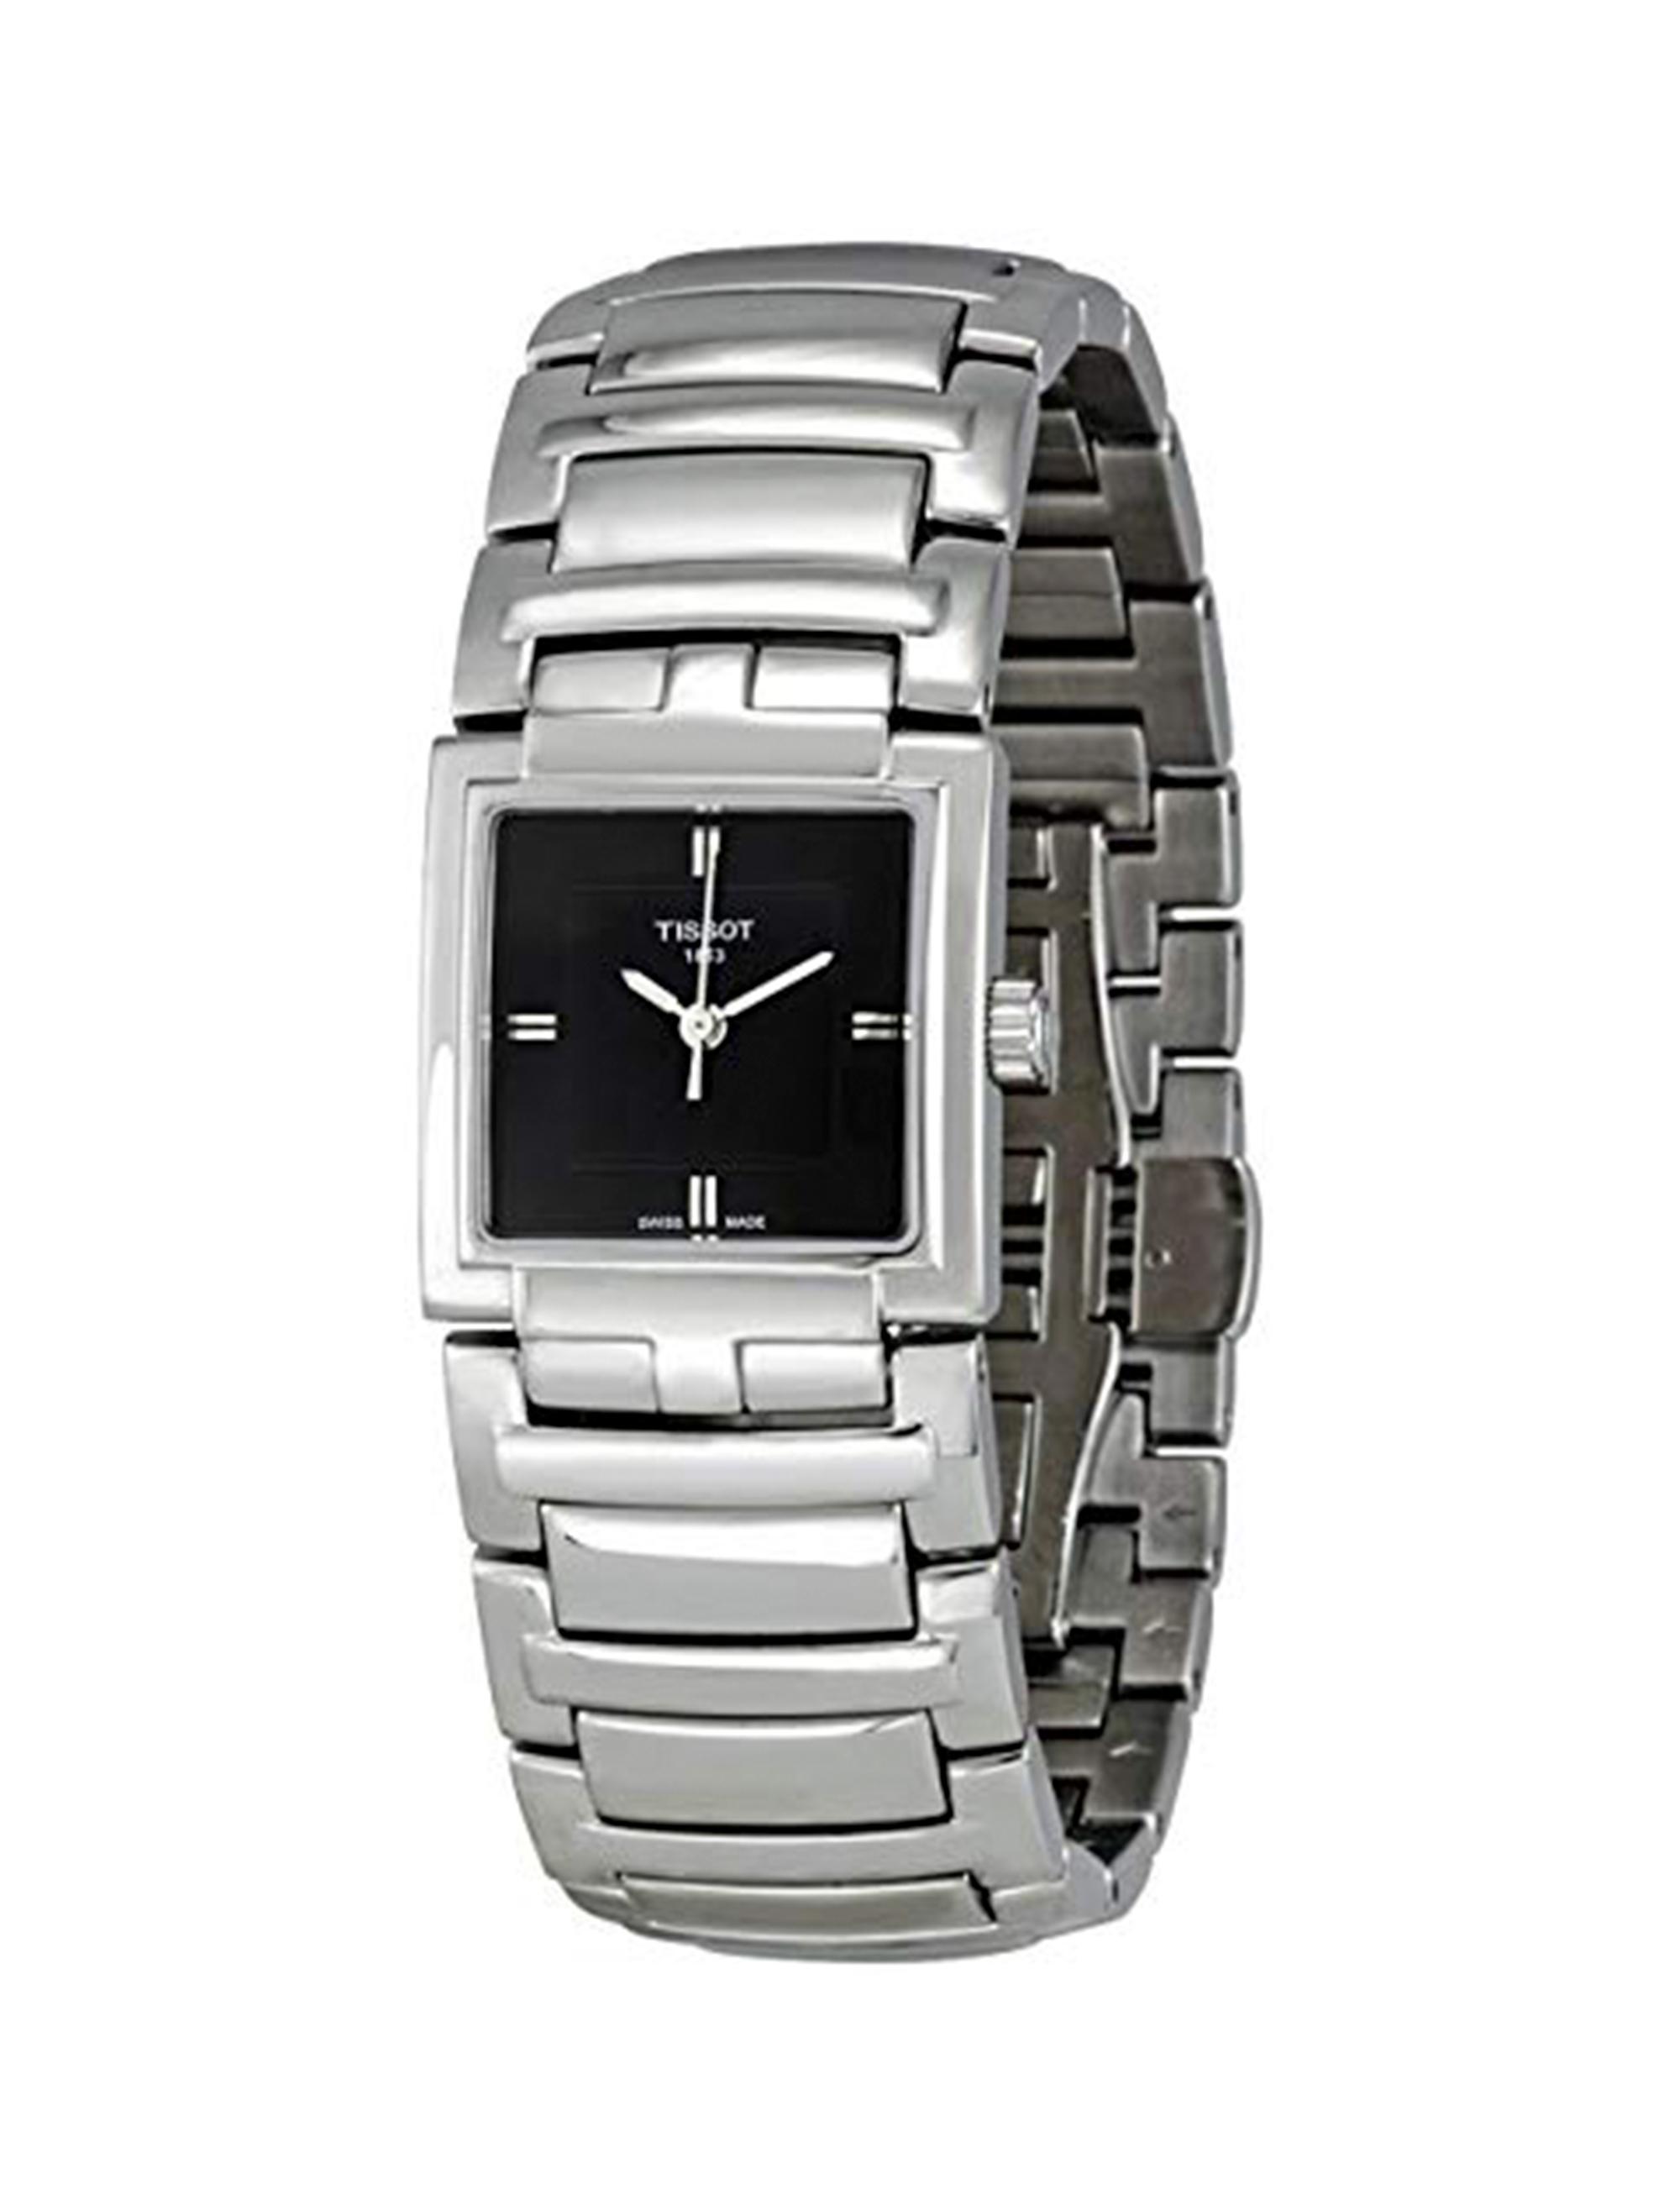 ساعت مچی عقربه ای زنانه تیسوت مدل T051.310.11.051.00              خرید (⭐️⭐️⭐️)